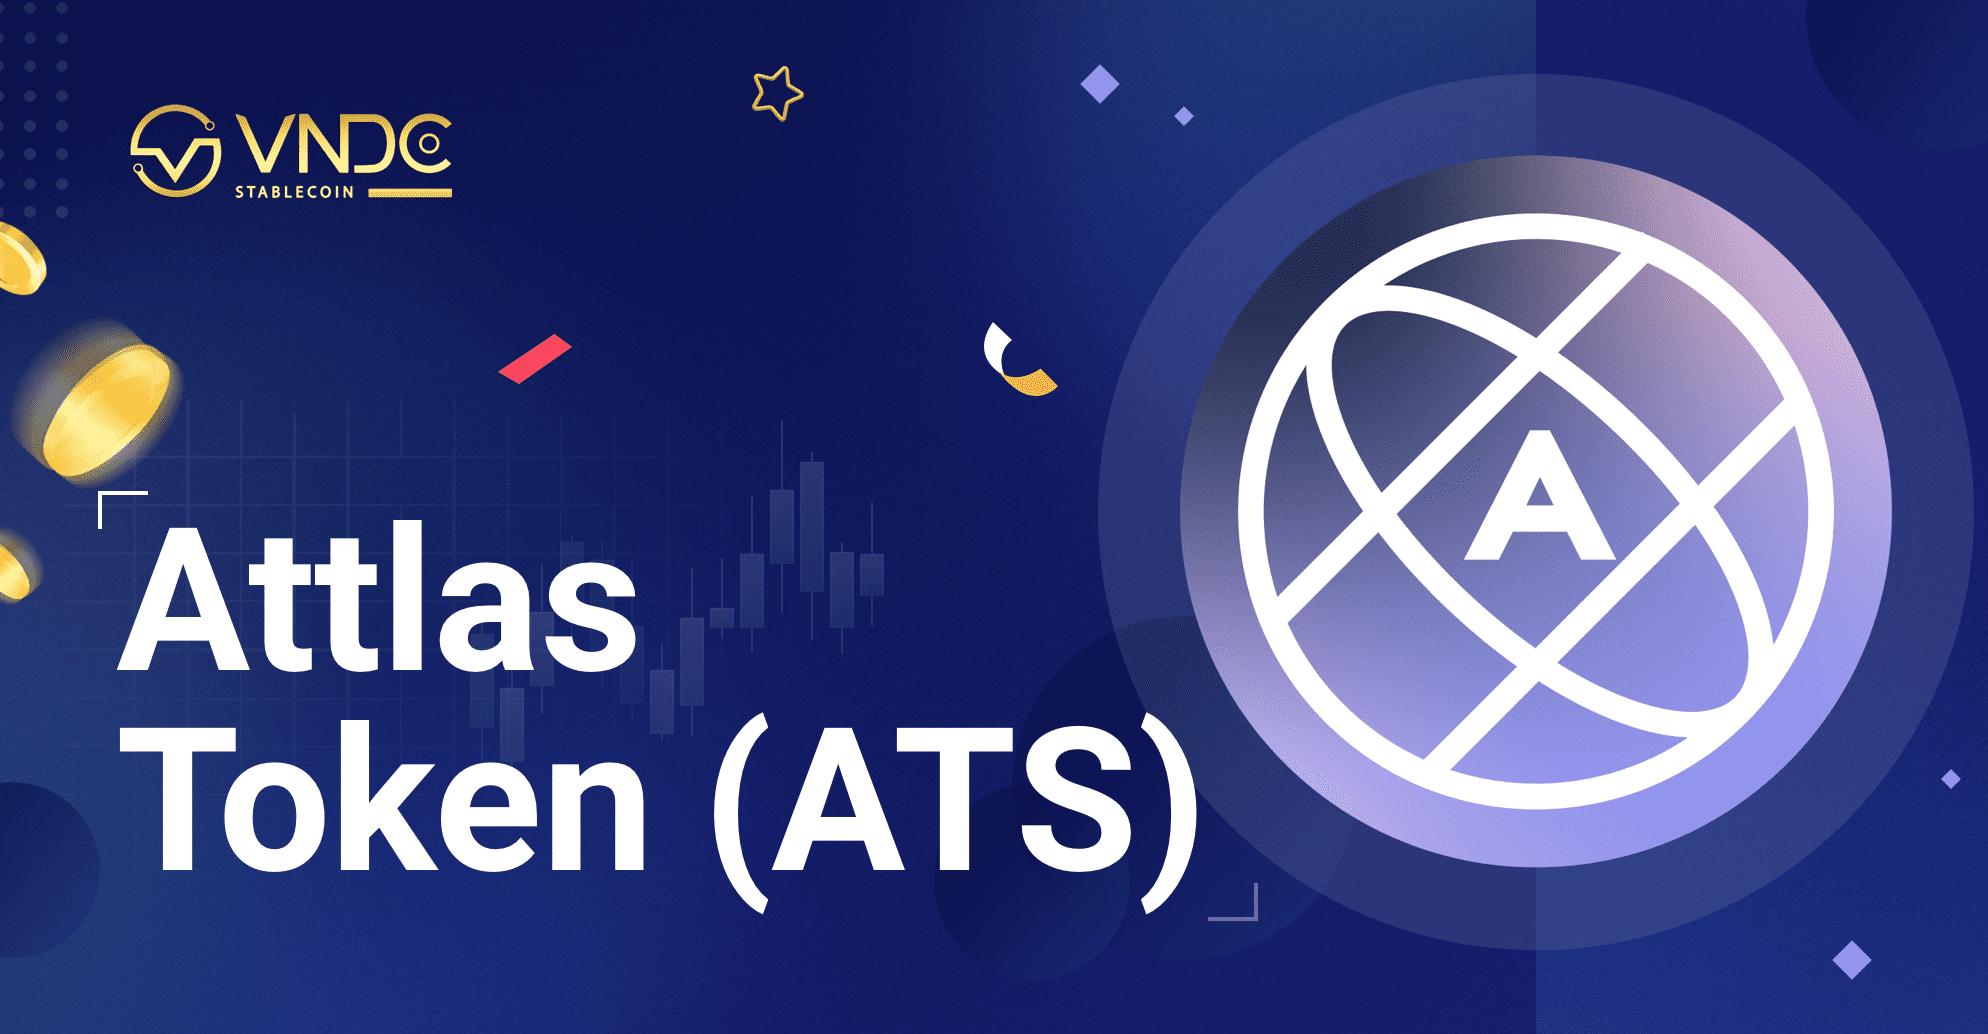 Attlas Token (ATS) được niêm yết trên VNDC Wallet, tặng thưởng 10 ATS cho người dùng